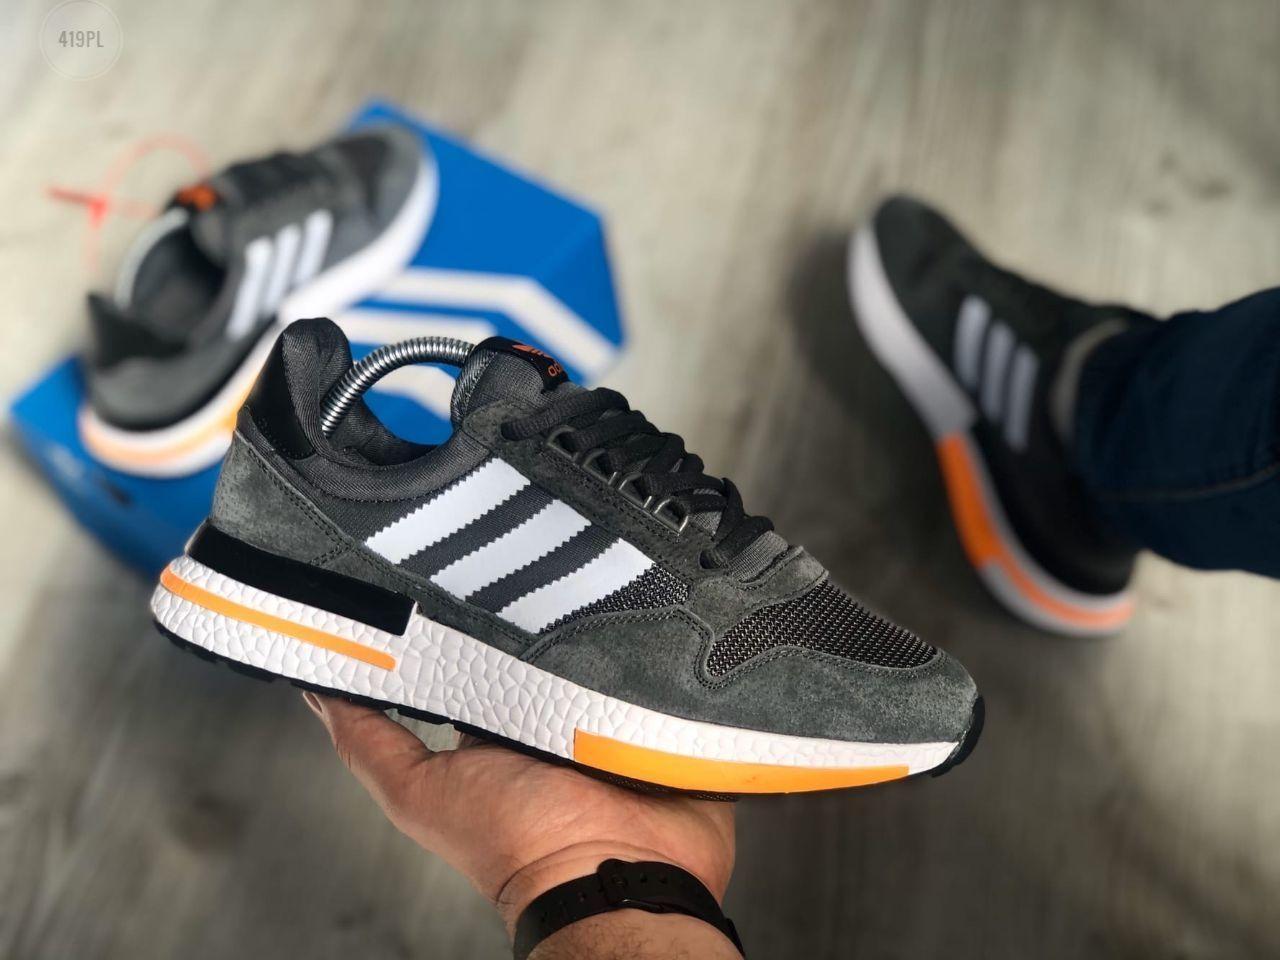 Чоловічі кросівки Adidas Gray/Orange 419PL